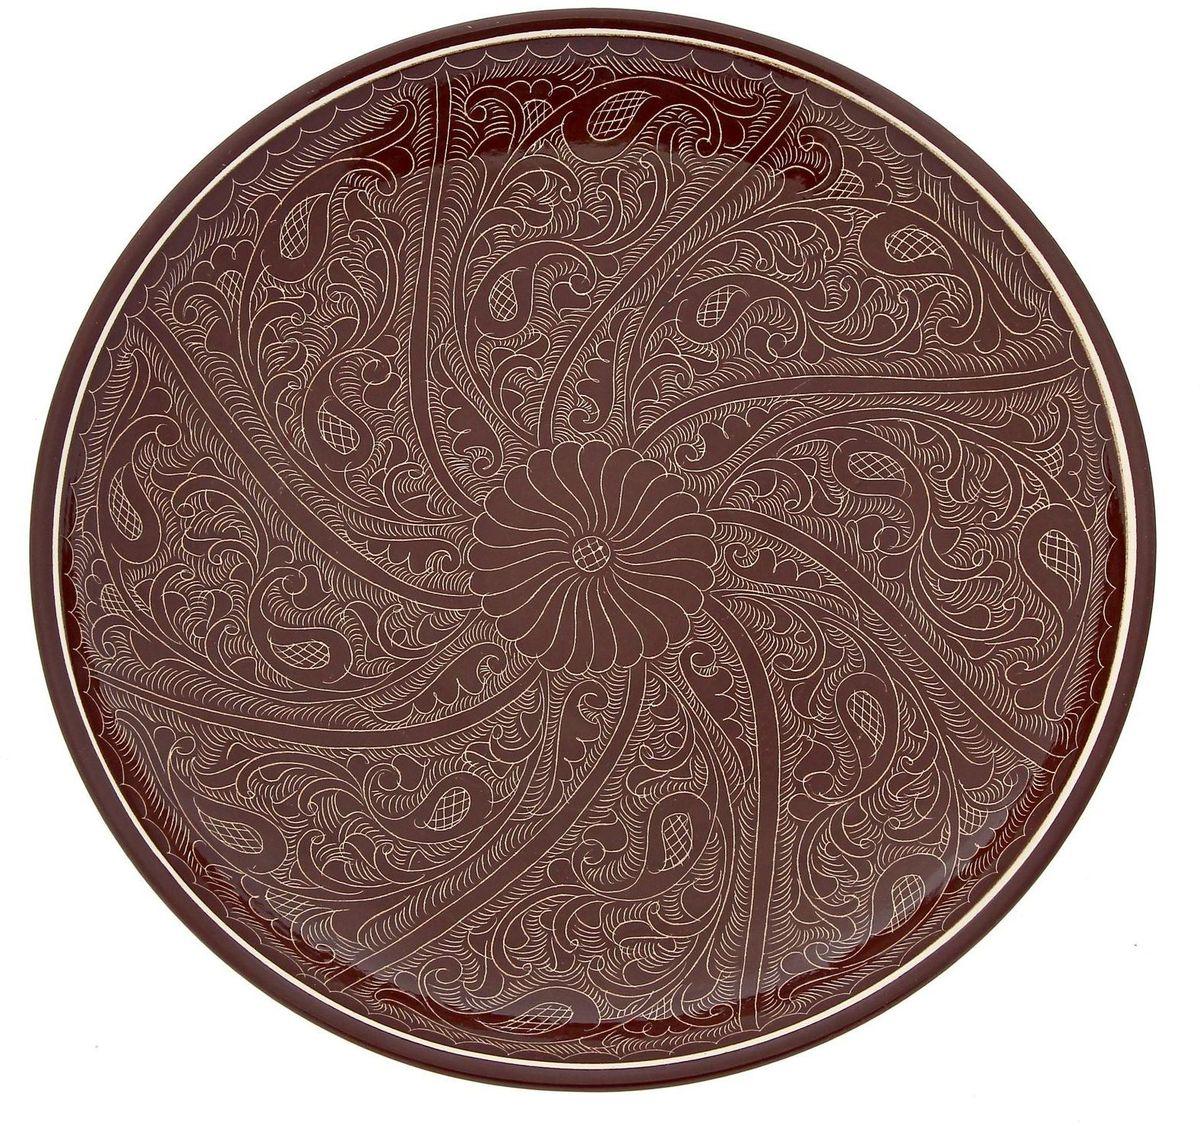 Ляган Риштанская керамика, цвет: коричневый, диаметр 31 см. 192345485812Ляган Риштанская керамика - это не просто обеденный атрибут, это украшение стола. Посуда с национальной росписью станет отменным подарком для ценителей высокородной посуды.Риштан - город на востоке Узбекистана, один из древнейших в Ферганской долине. С давних времен Риштан славится своим гончарным искусством изготовления цветной керамики. Красноватую глину для изделия добывают в самом городе. Мастера утверждают, что их глина настолько высокого качества, что даже не нуждается в предварительной обработке. Дополните коллекцию кухонных аксессуаров пряными восточными нотами!